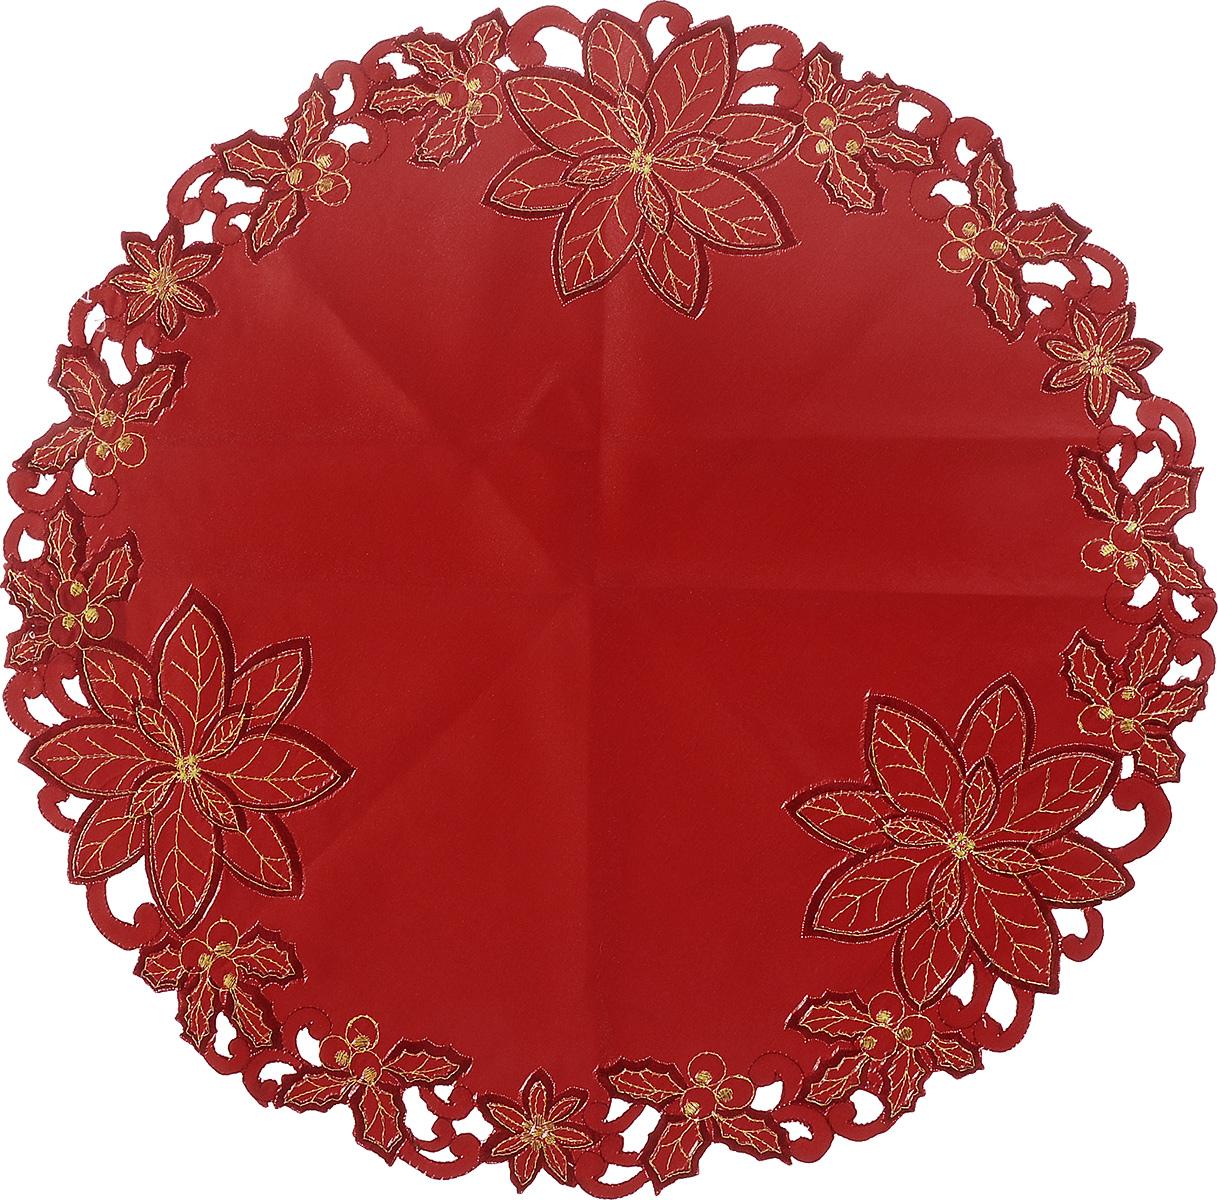 Салфетка Schaefer, круглая, цвет: красный, диаметр 60 см. 07330-350-0207330-350-02Круглая салфетка Schaefer, выполненная из полиэстера, станет изысканным украшением интерьера. Изделие декорировано изящной золотистой вышивкой в виде листьев и красивой перфорацией по краю. Изделия из искусственных волокон легко стирать: они не мнутся, не садятся и быстро сохнут, они более долговечны, чем изделия из натуральных волокон. Вы можете использовать салфетку для декорирования стола, комода, журнального столика. В любом случае она добавит в ваш дом стиля, изысканности и неповторимости и убережет мебель от царапин и потертостей.